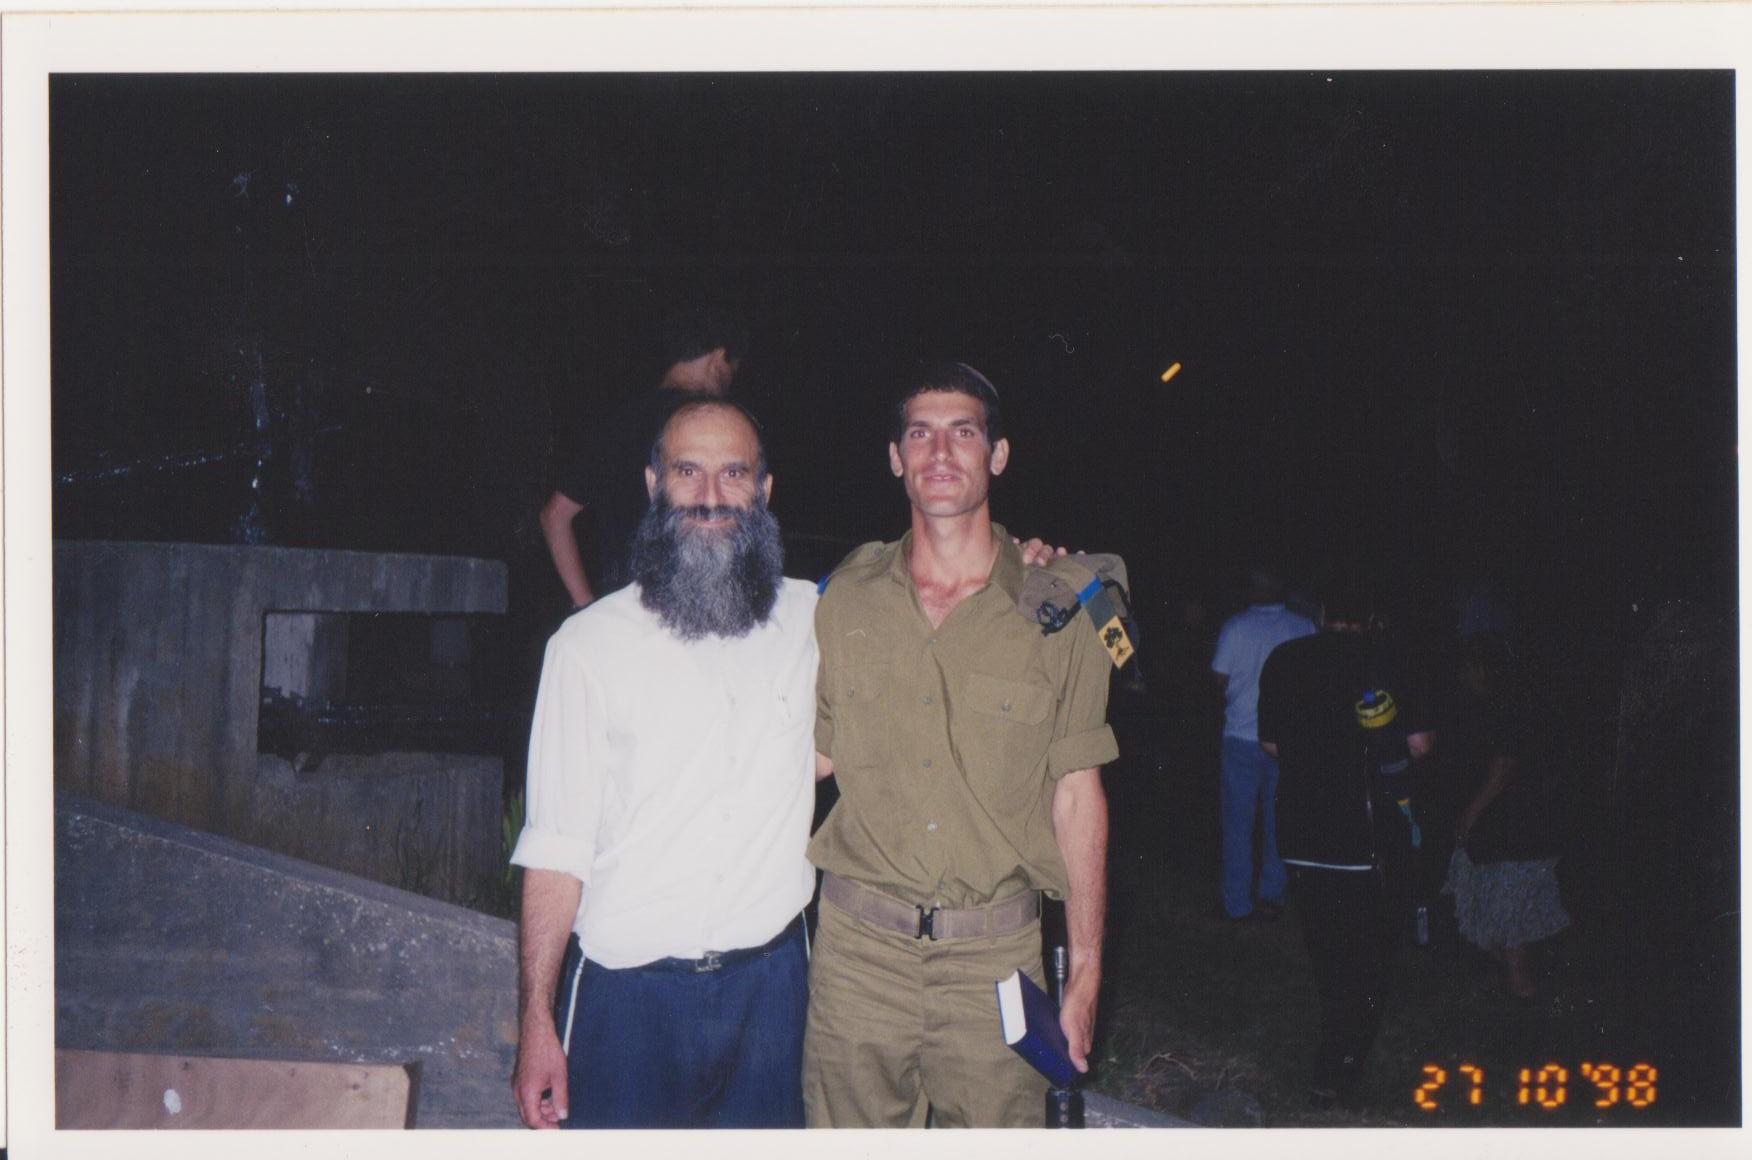 בתום מסע כומתה עם אבא בצומת גולני